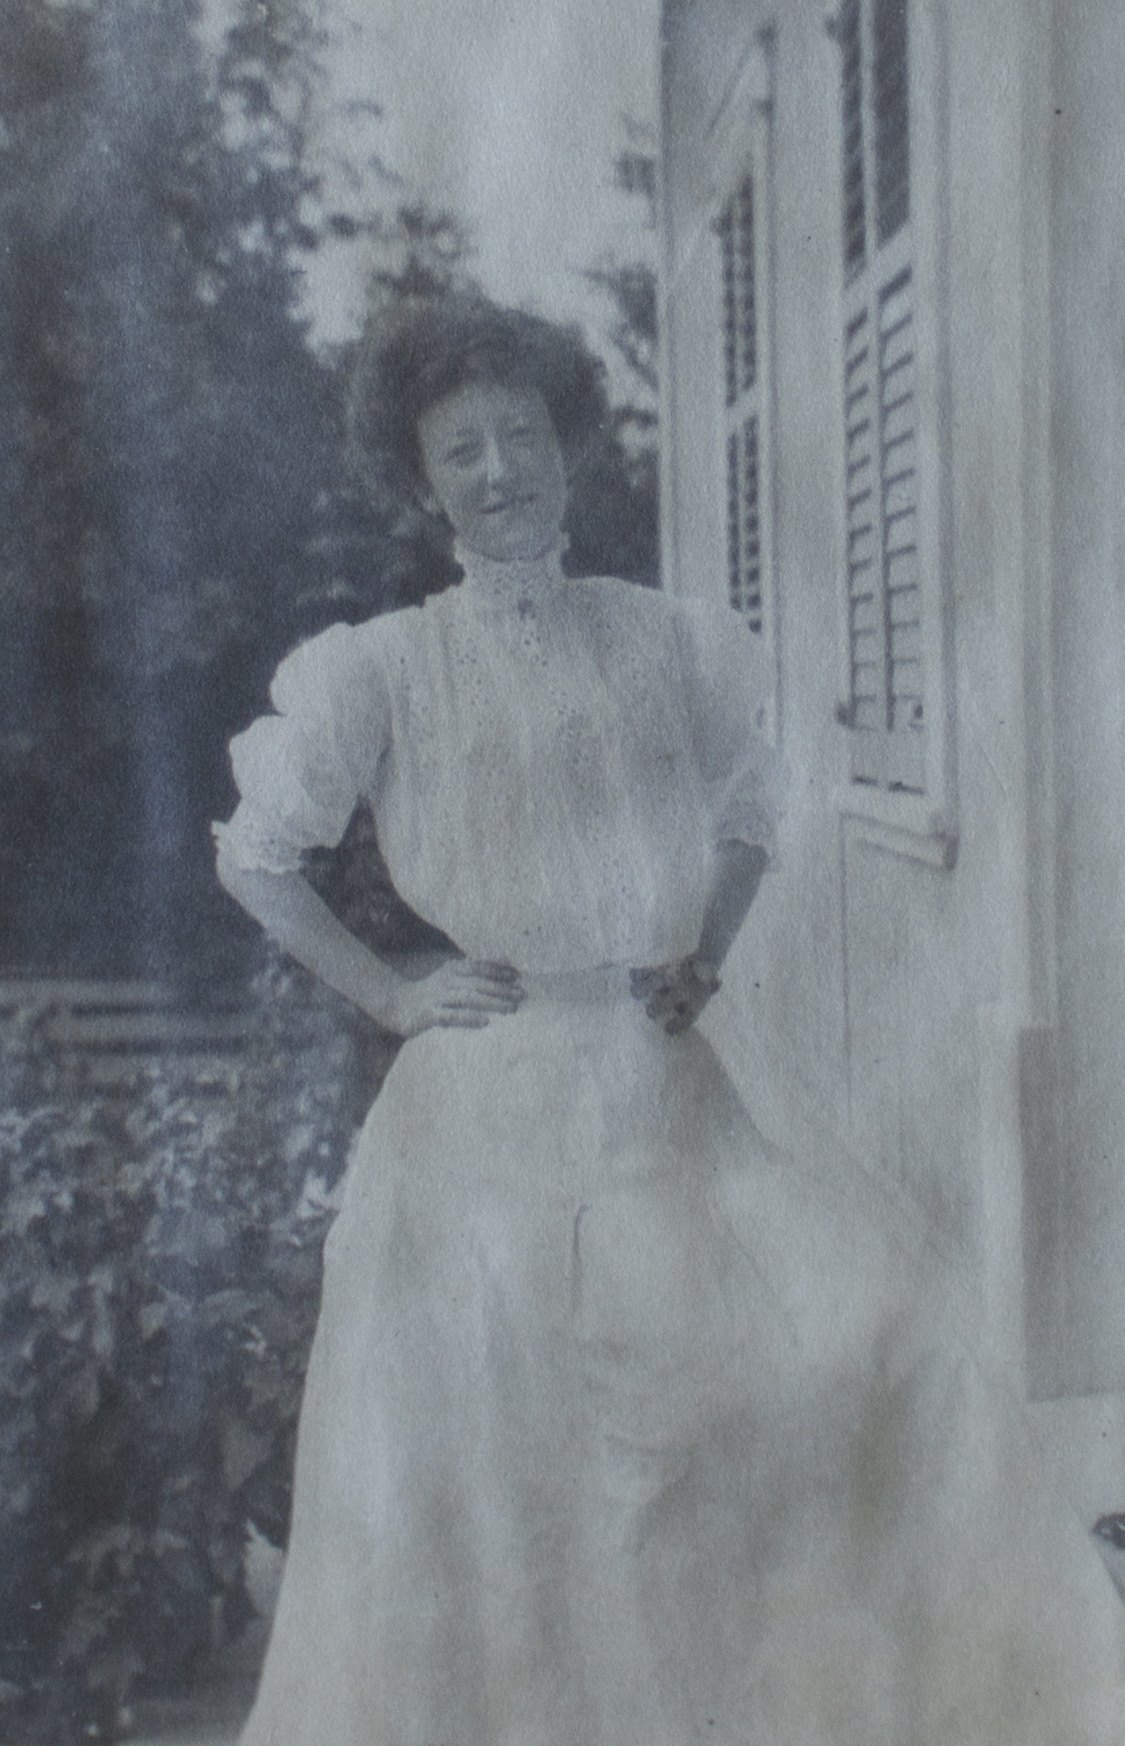 Une femme porte une longue robe blanche dont le col lui couvre tout le cou; elle a la taille extrêmement fine.